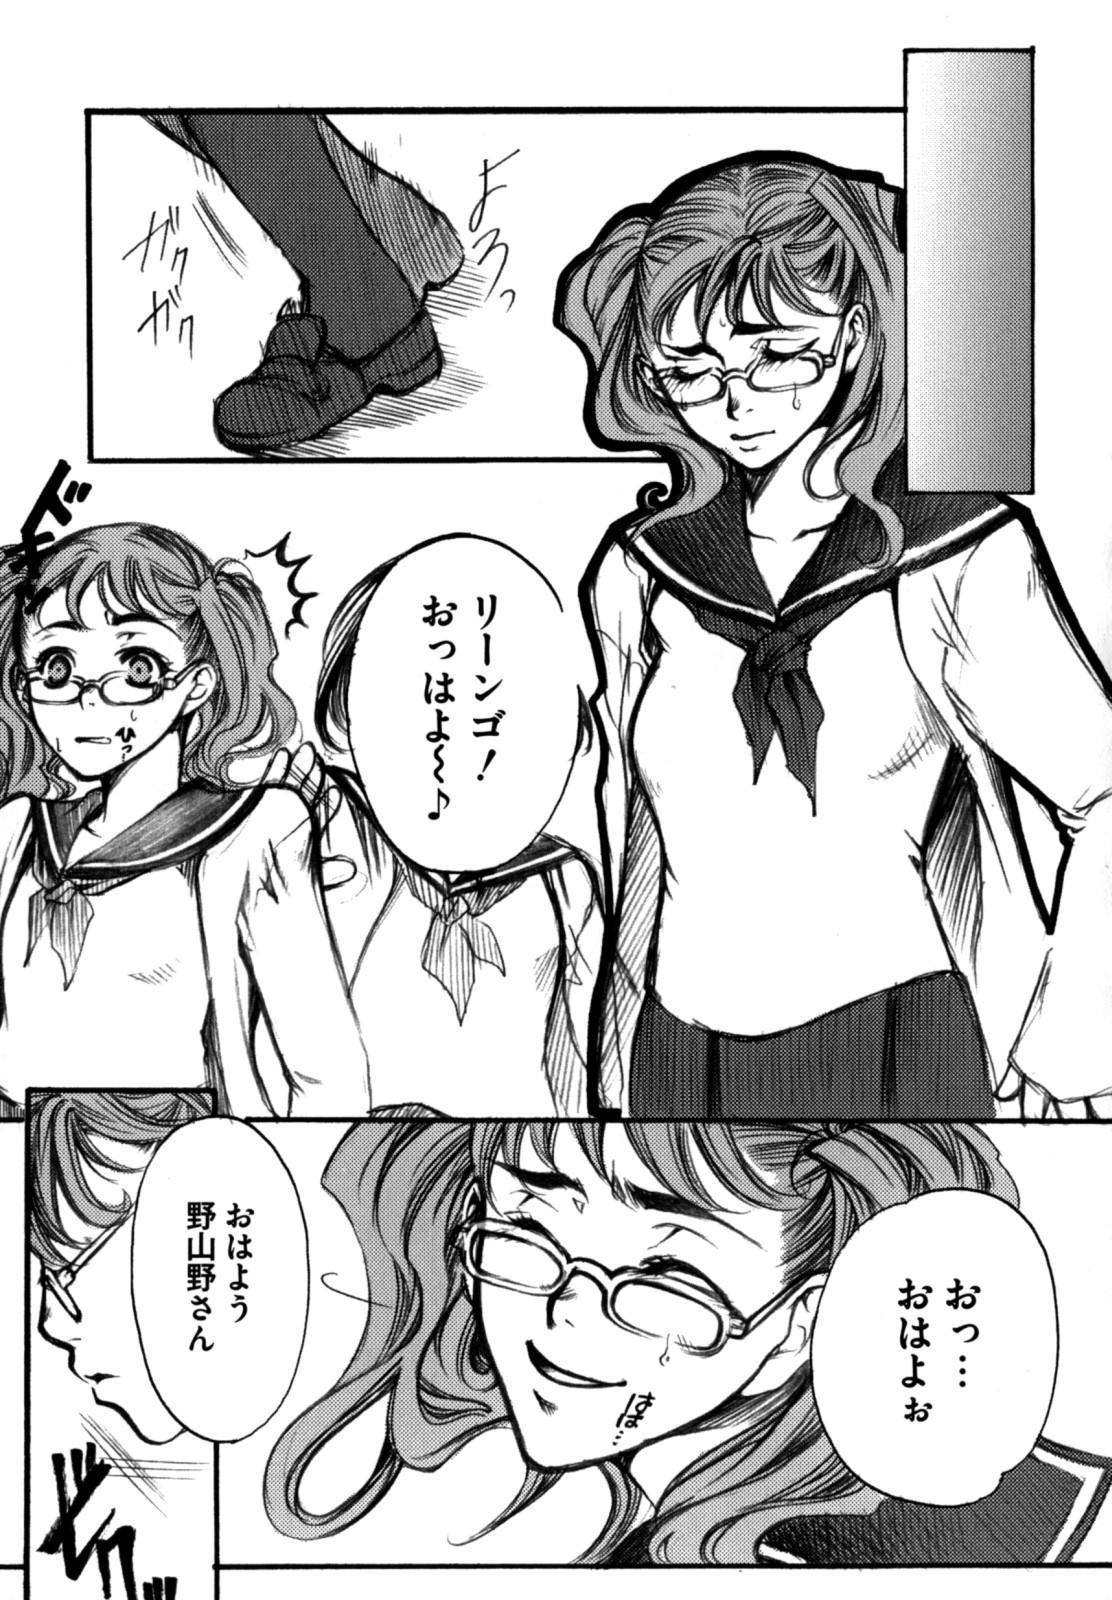 Shikijou no Erosu 130